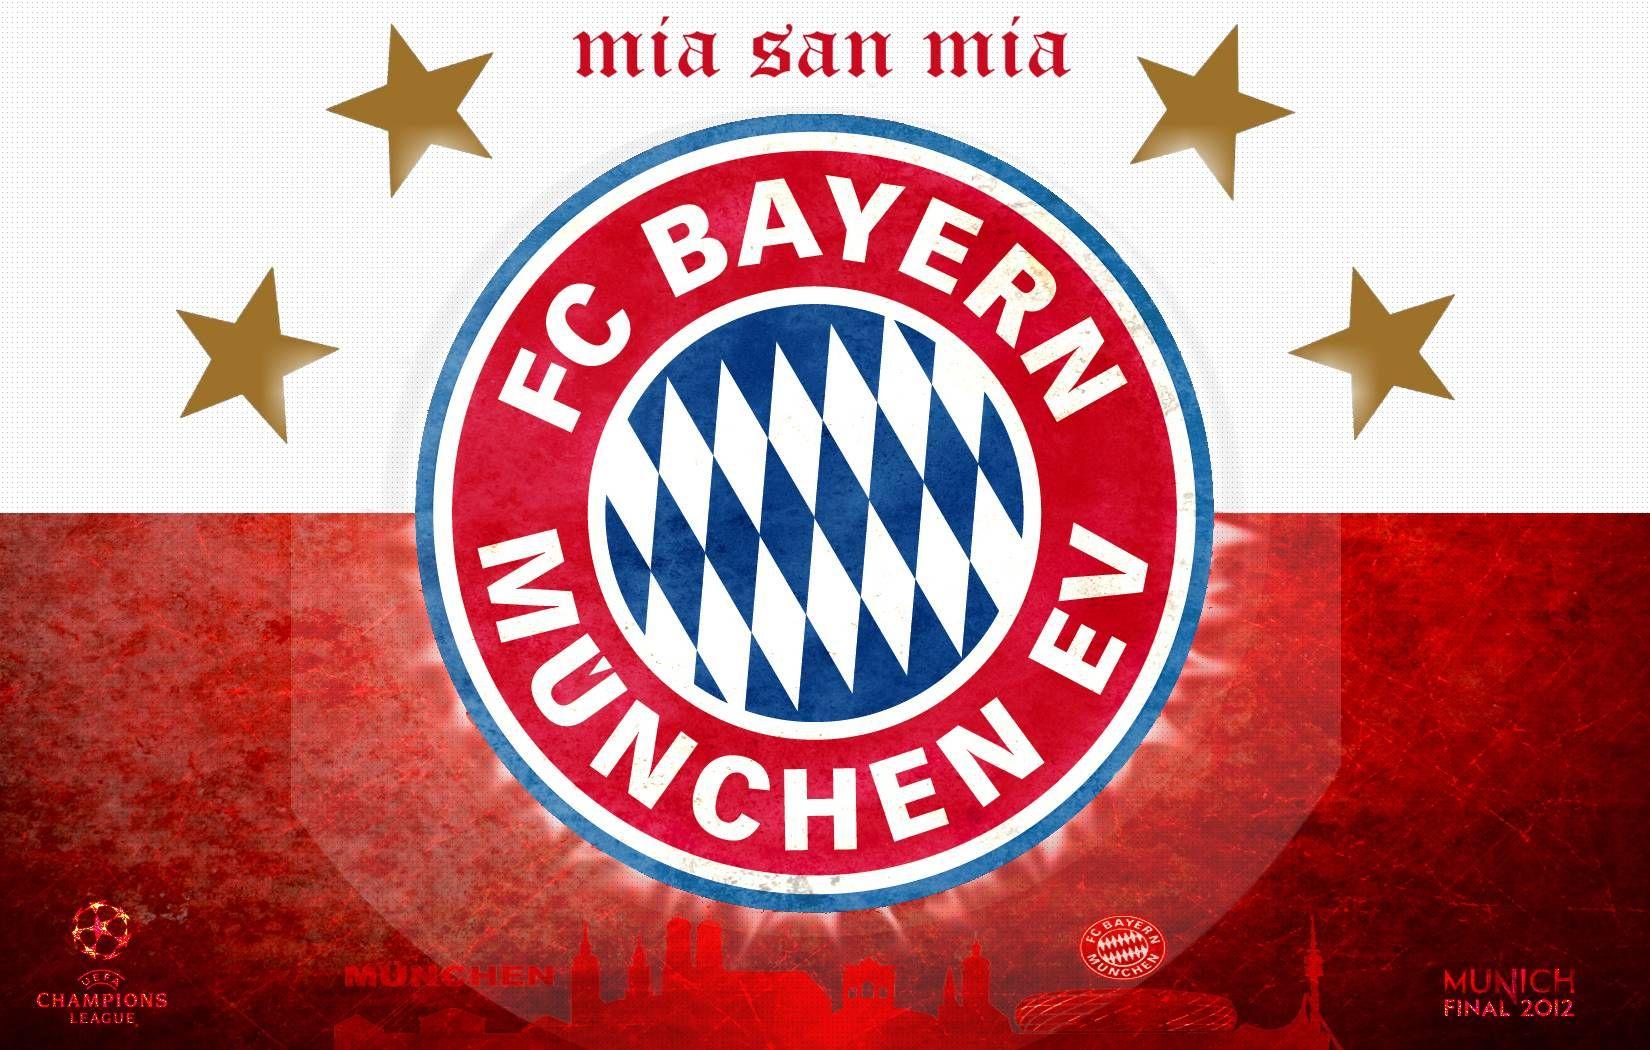 Undefined Bayern Munich Wallpaper 40 Wallpapers Adorable Wallpapers Bayern Bayern Munich Wallpapers Bayern Munich